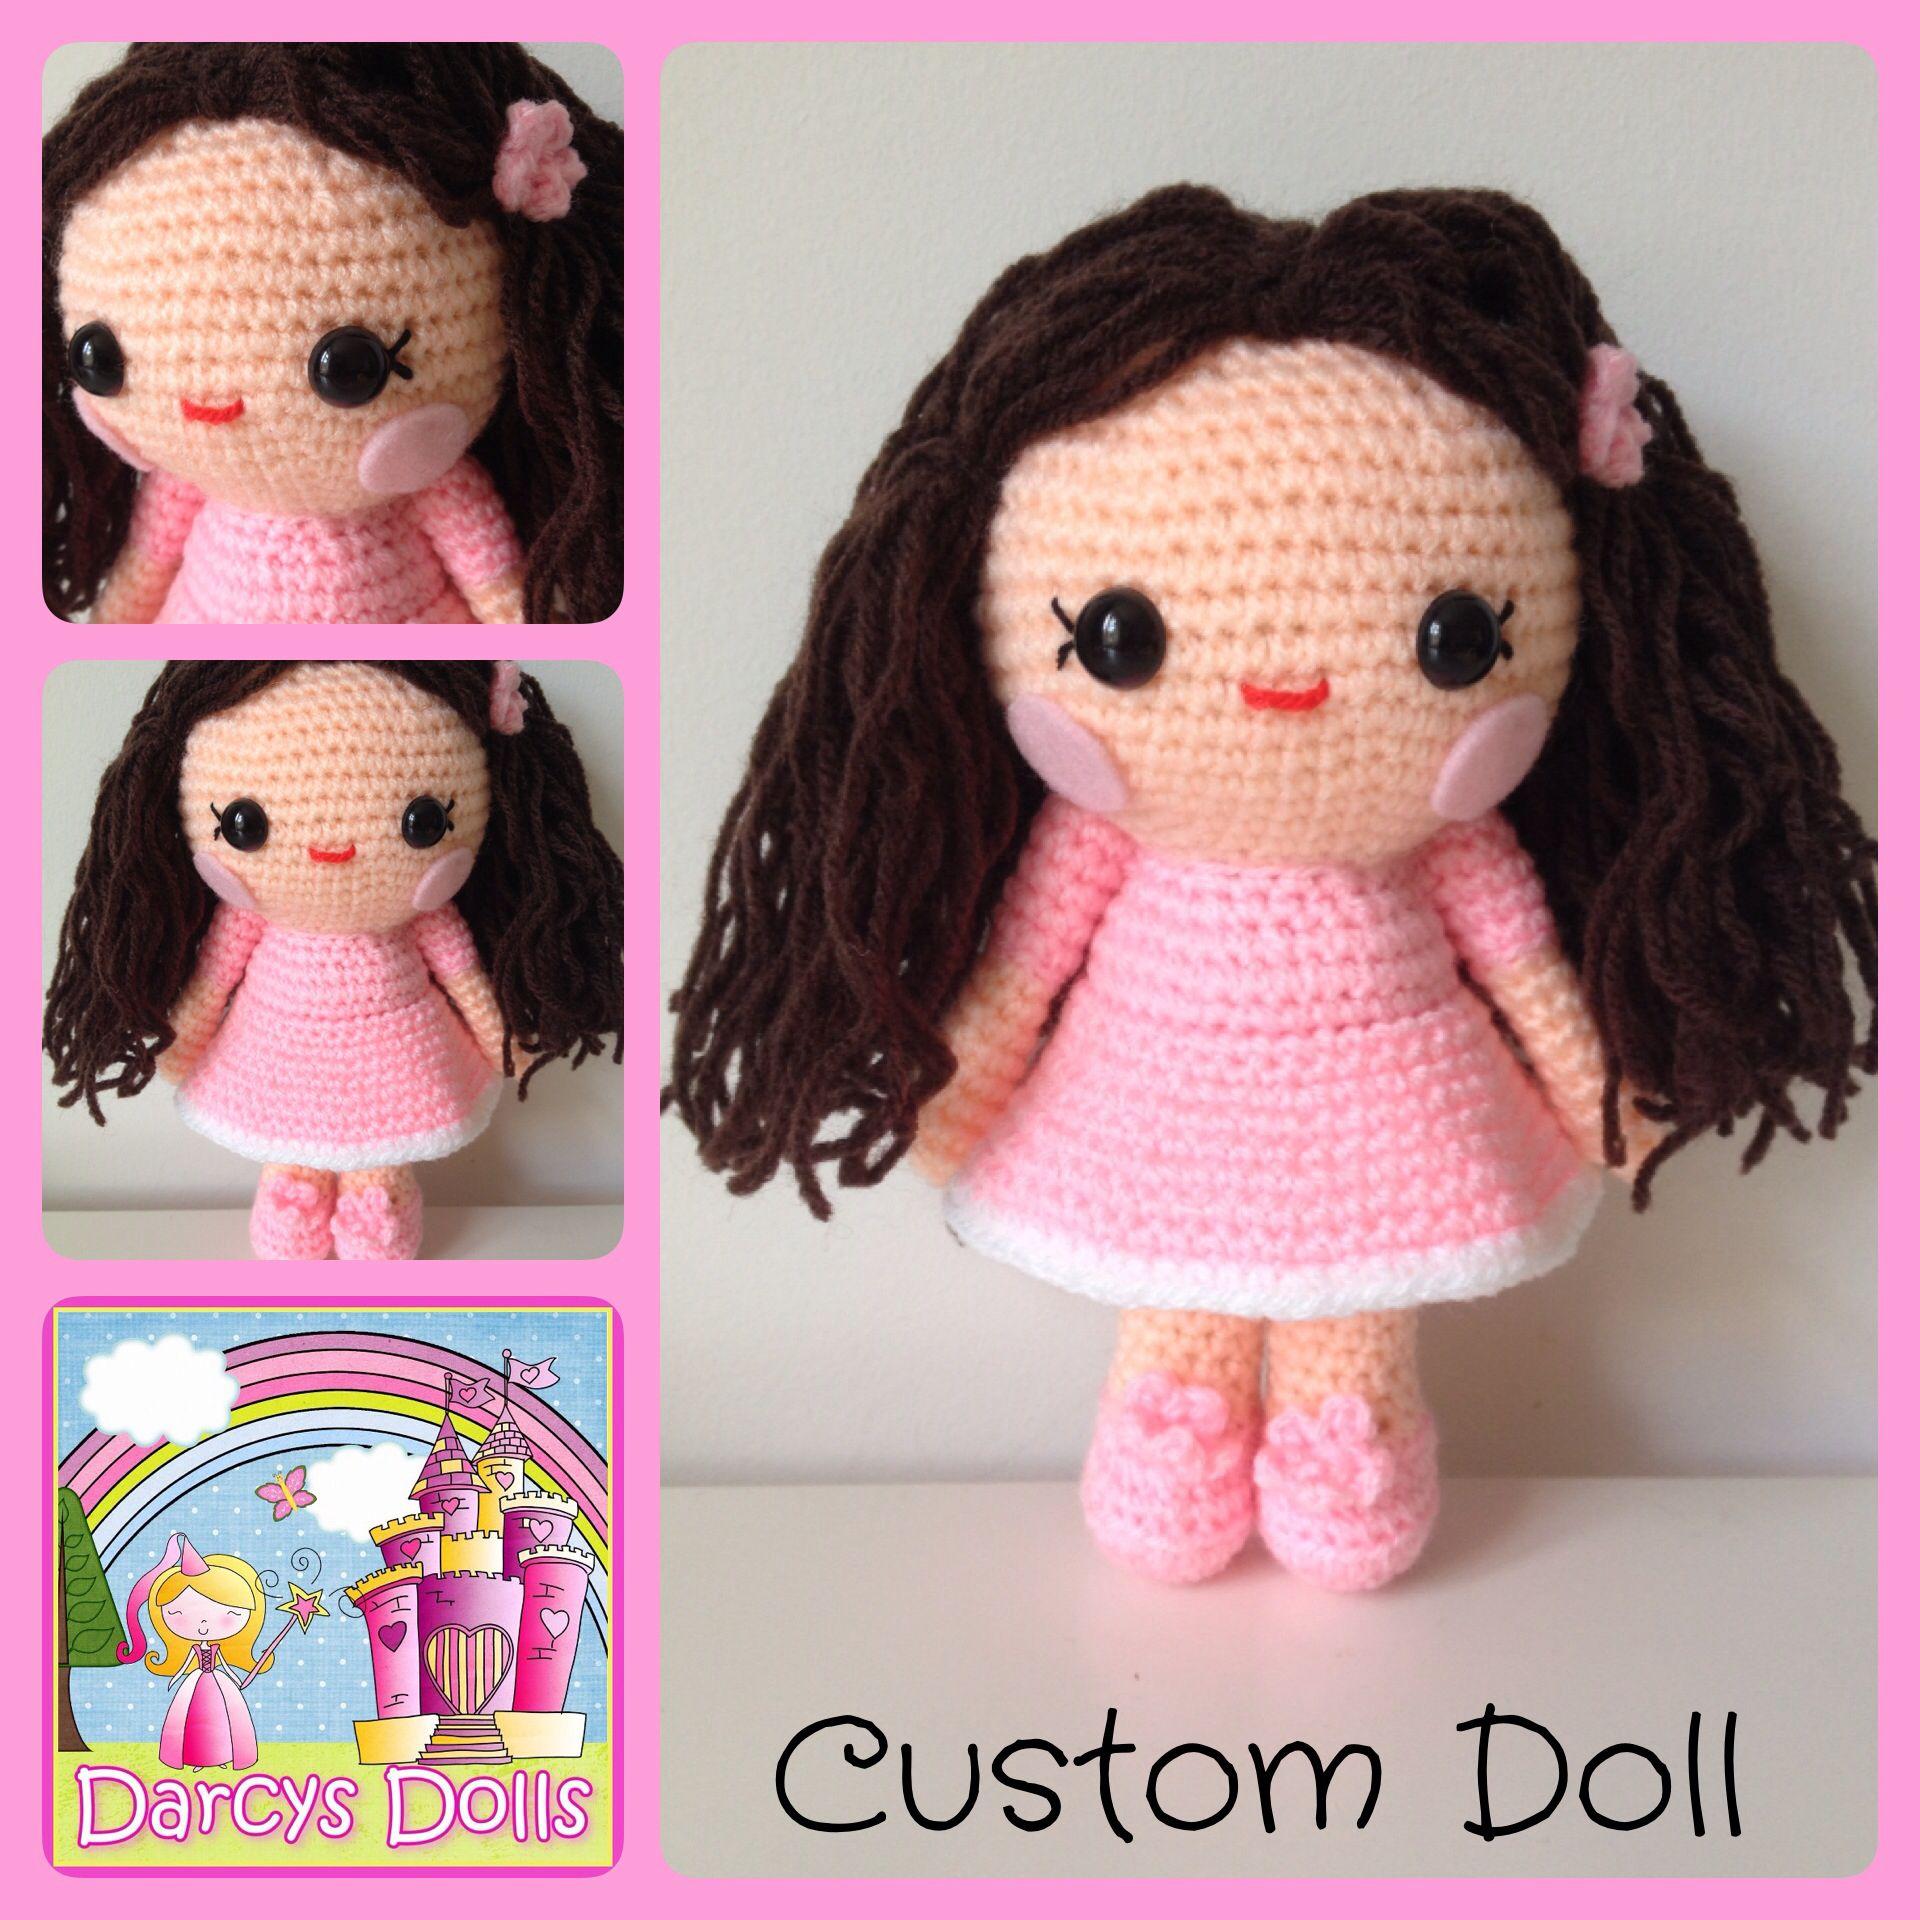 Custom crochet doll by Darcy's Dolls www.facebook.com/Darcysdolls